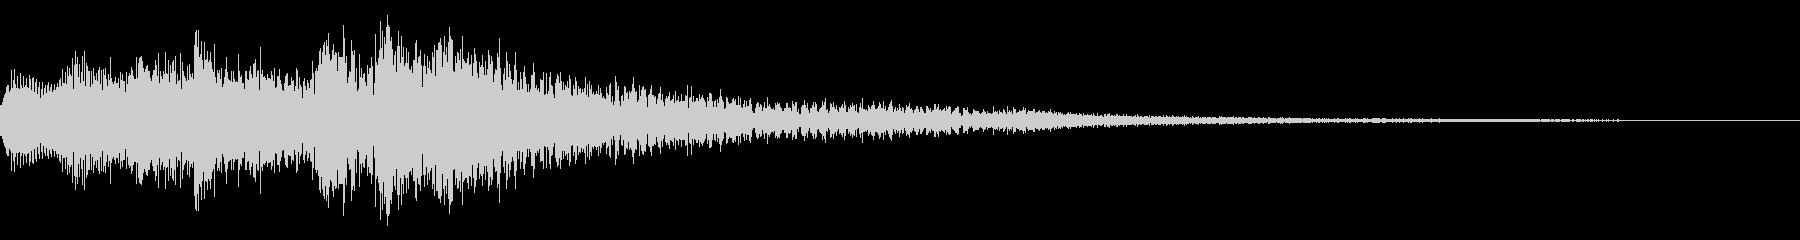 ベル系のミステリアスな音 怪しい 不安の未再生の波形